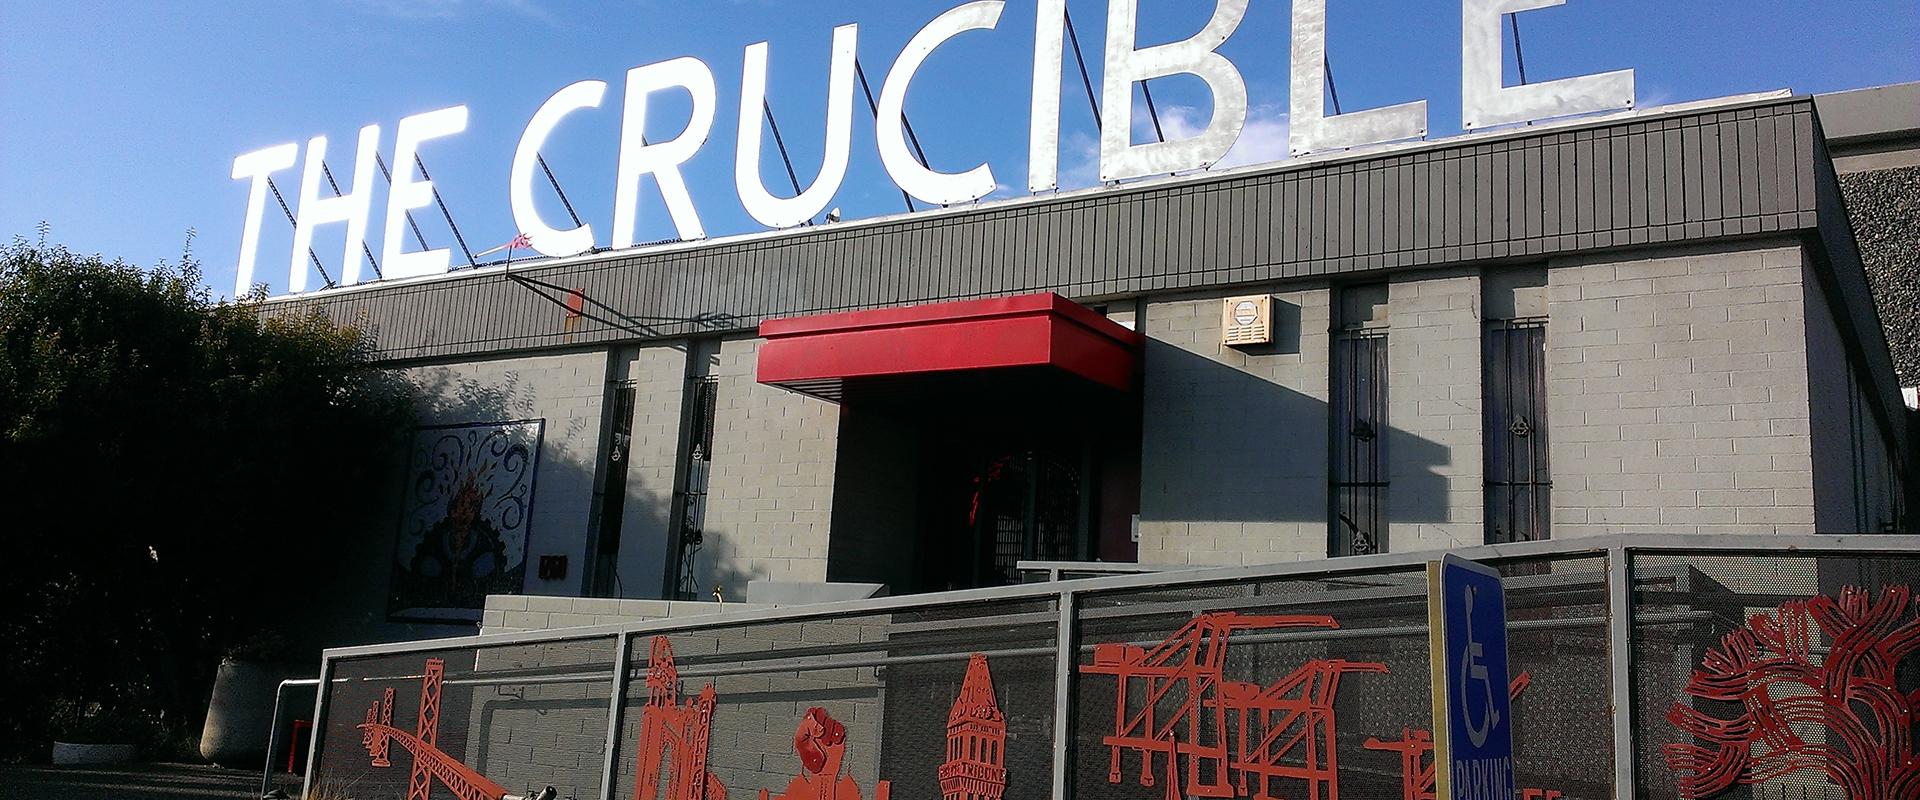 •Crucible_facadeSign.jpg